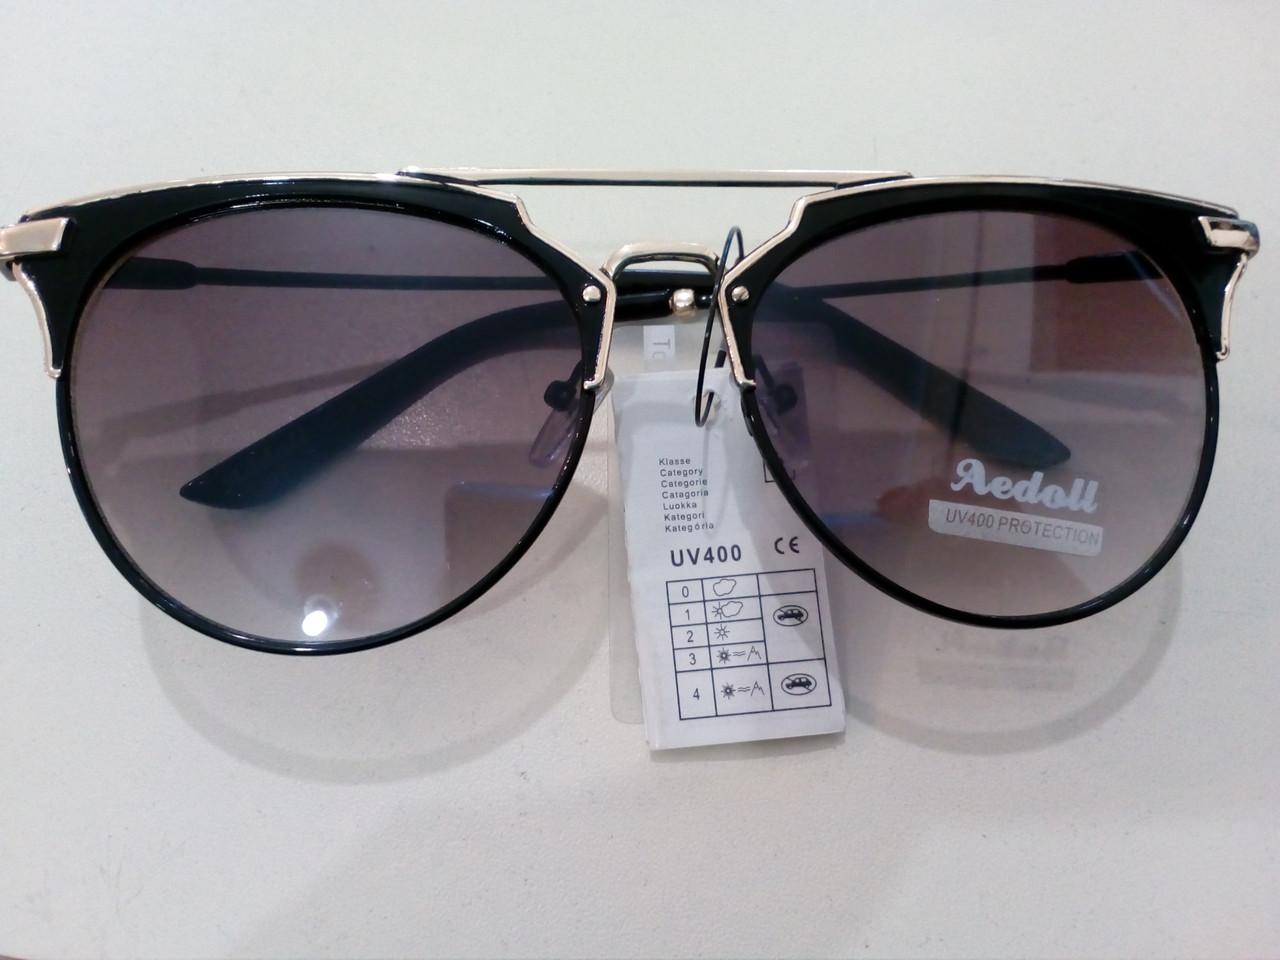 Солнцезащитные очки Aedoll.